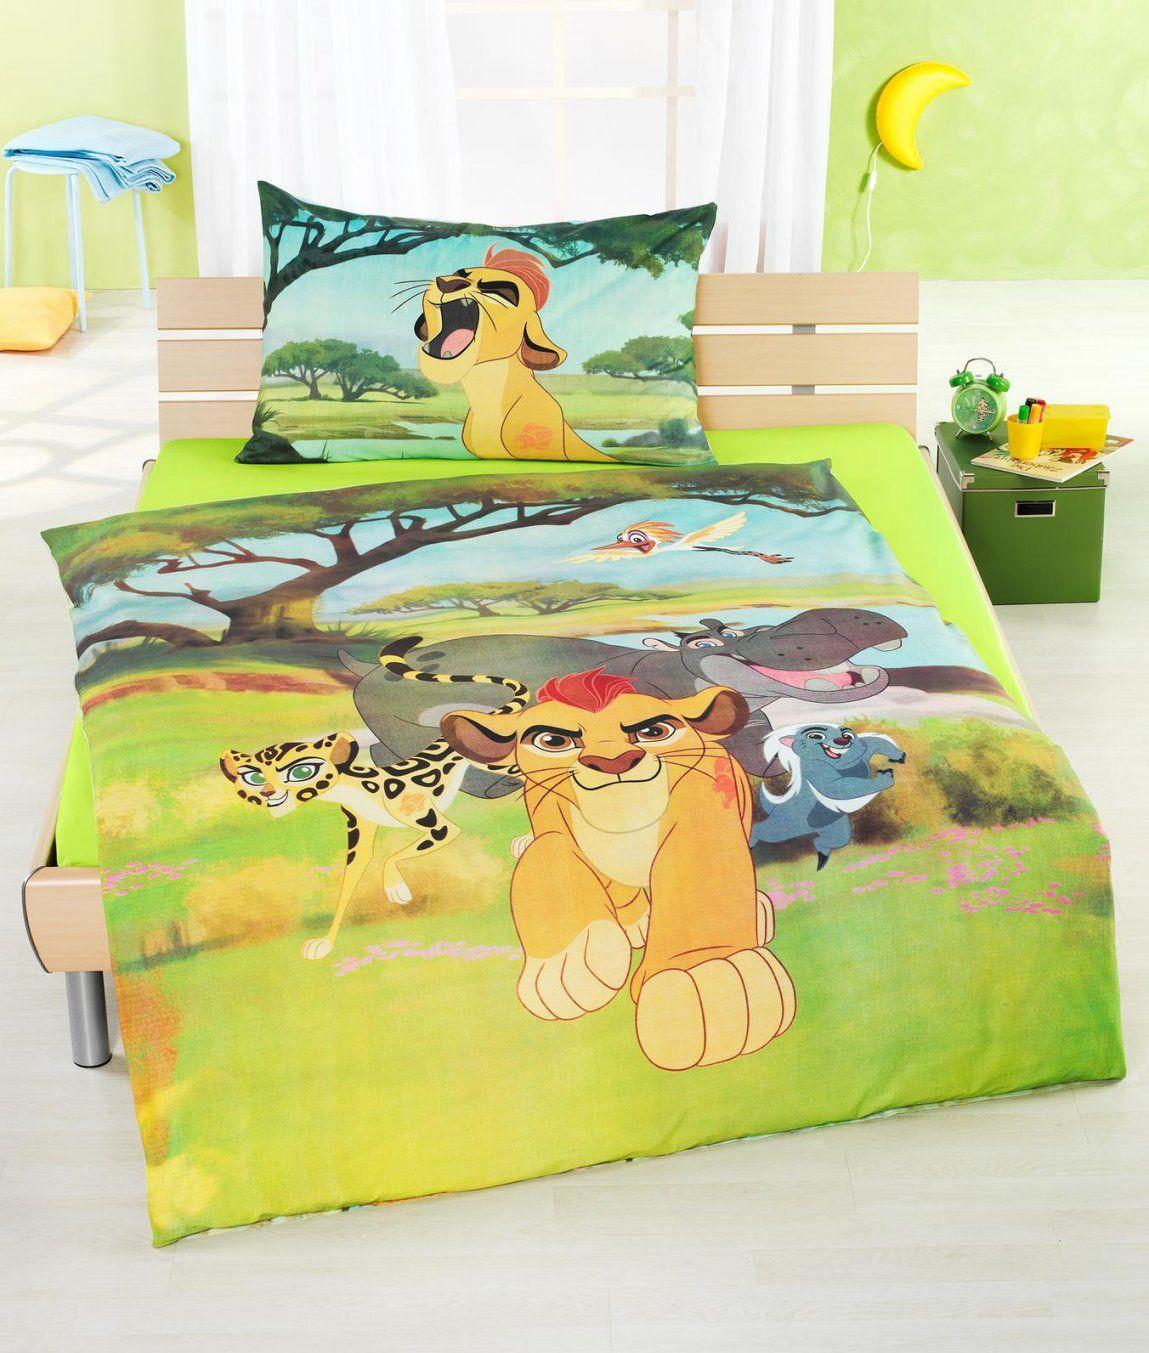 Kinderbettwäsche Garnitur Lion King Kaufen  Angela Bruderer Online von Garde Der Löwen Bettwäsche Bild